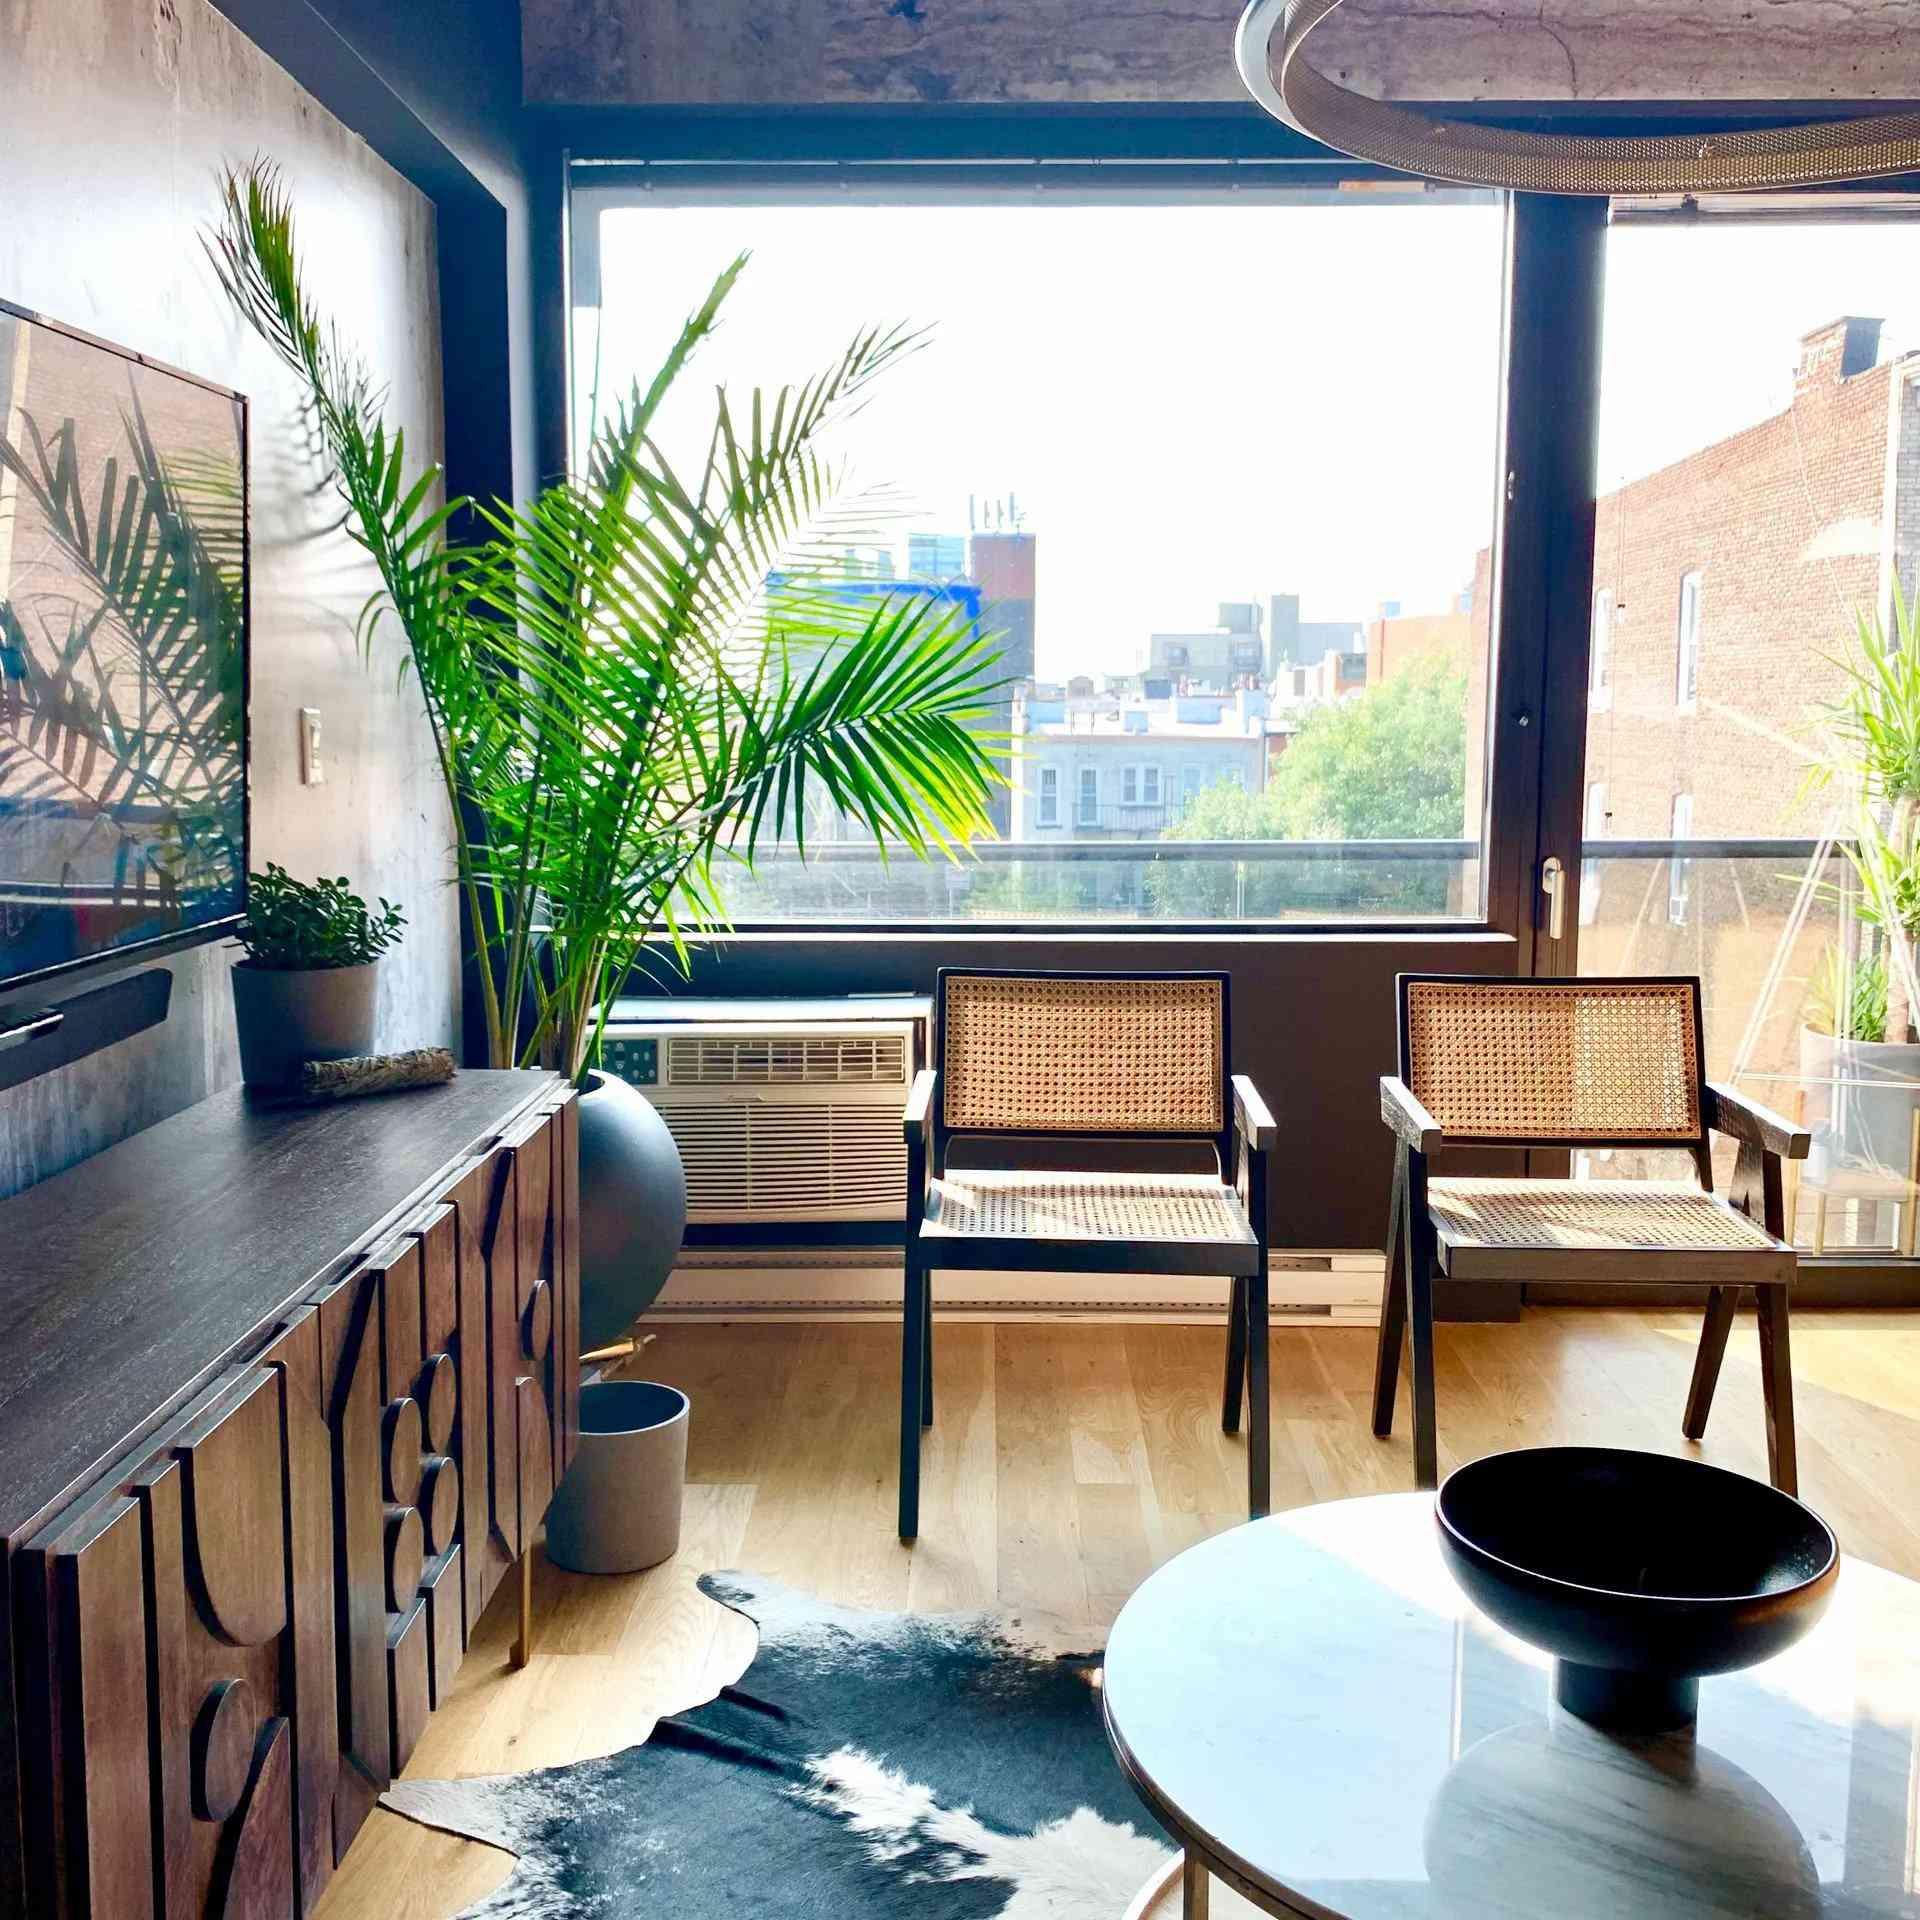 best window plant: areca palm